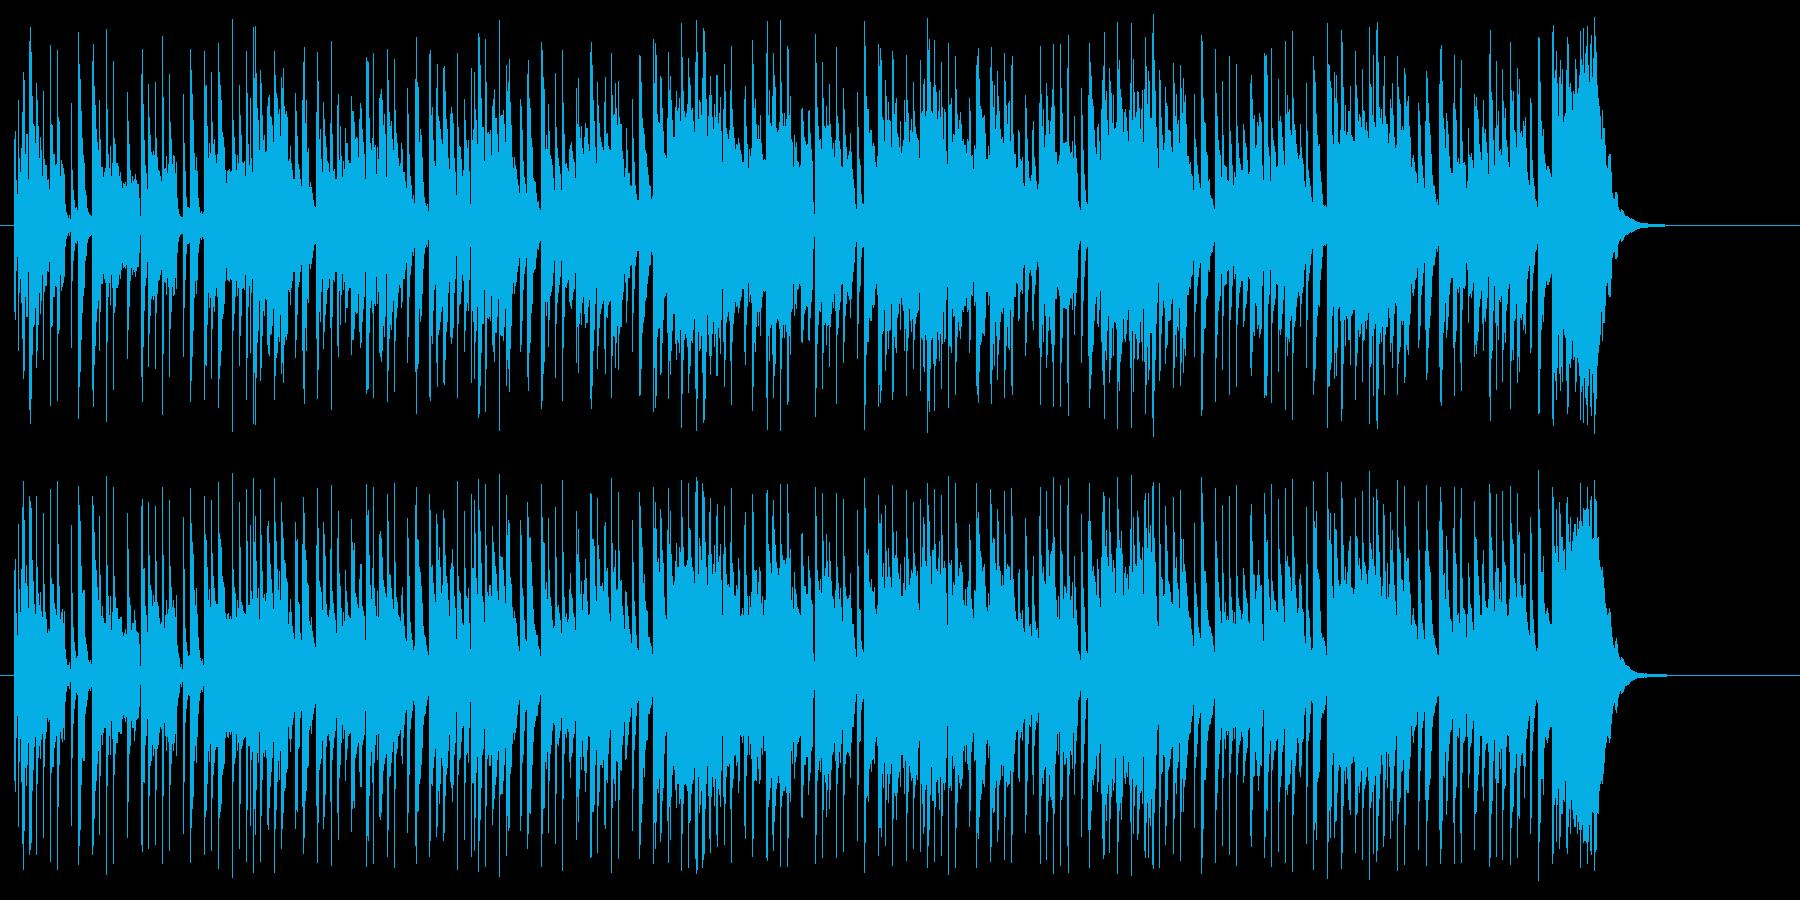 戯れのエレクトリック・ポップスの再生済みの波形